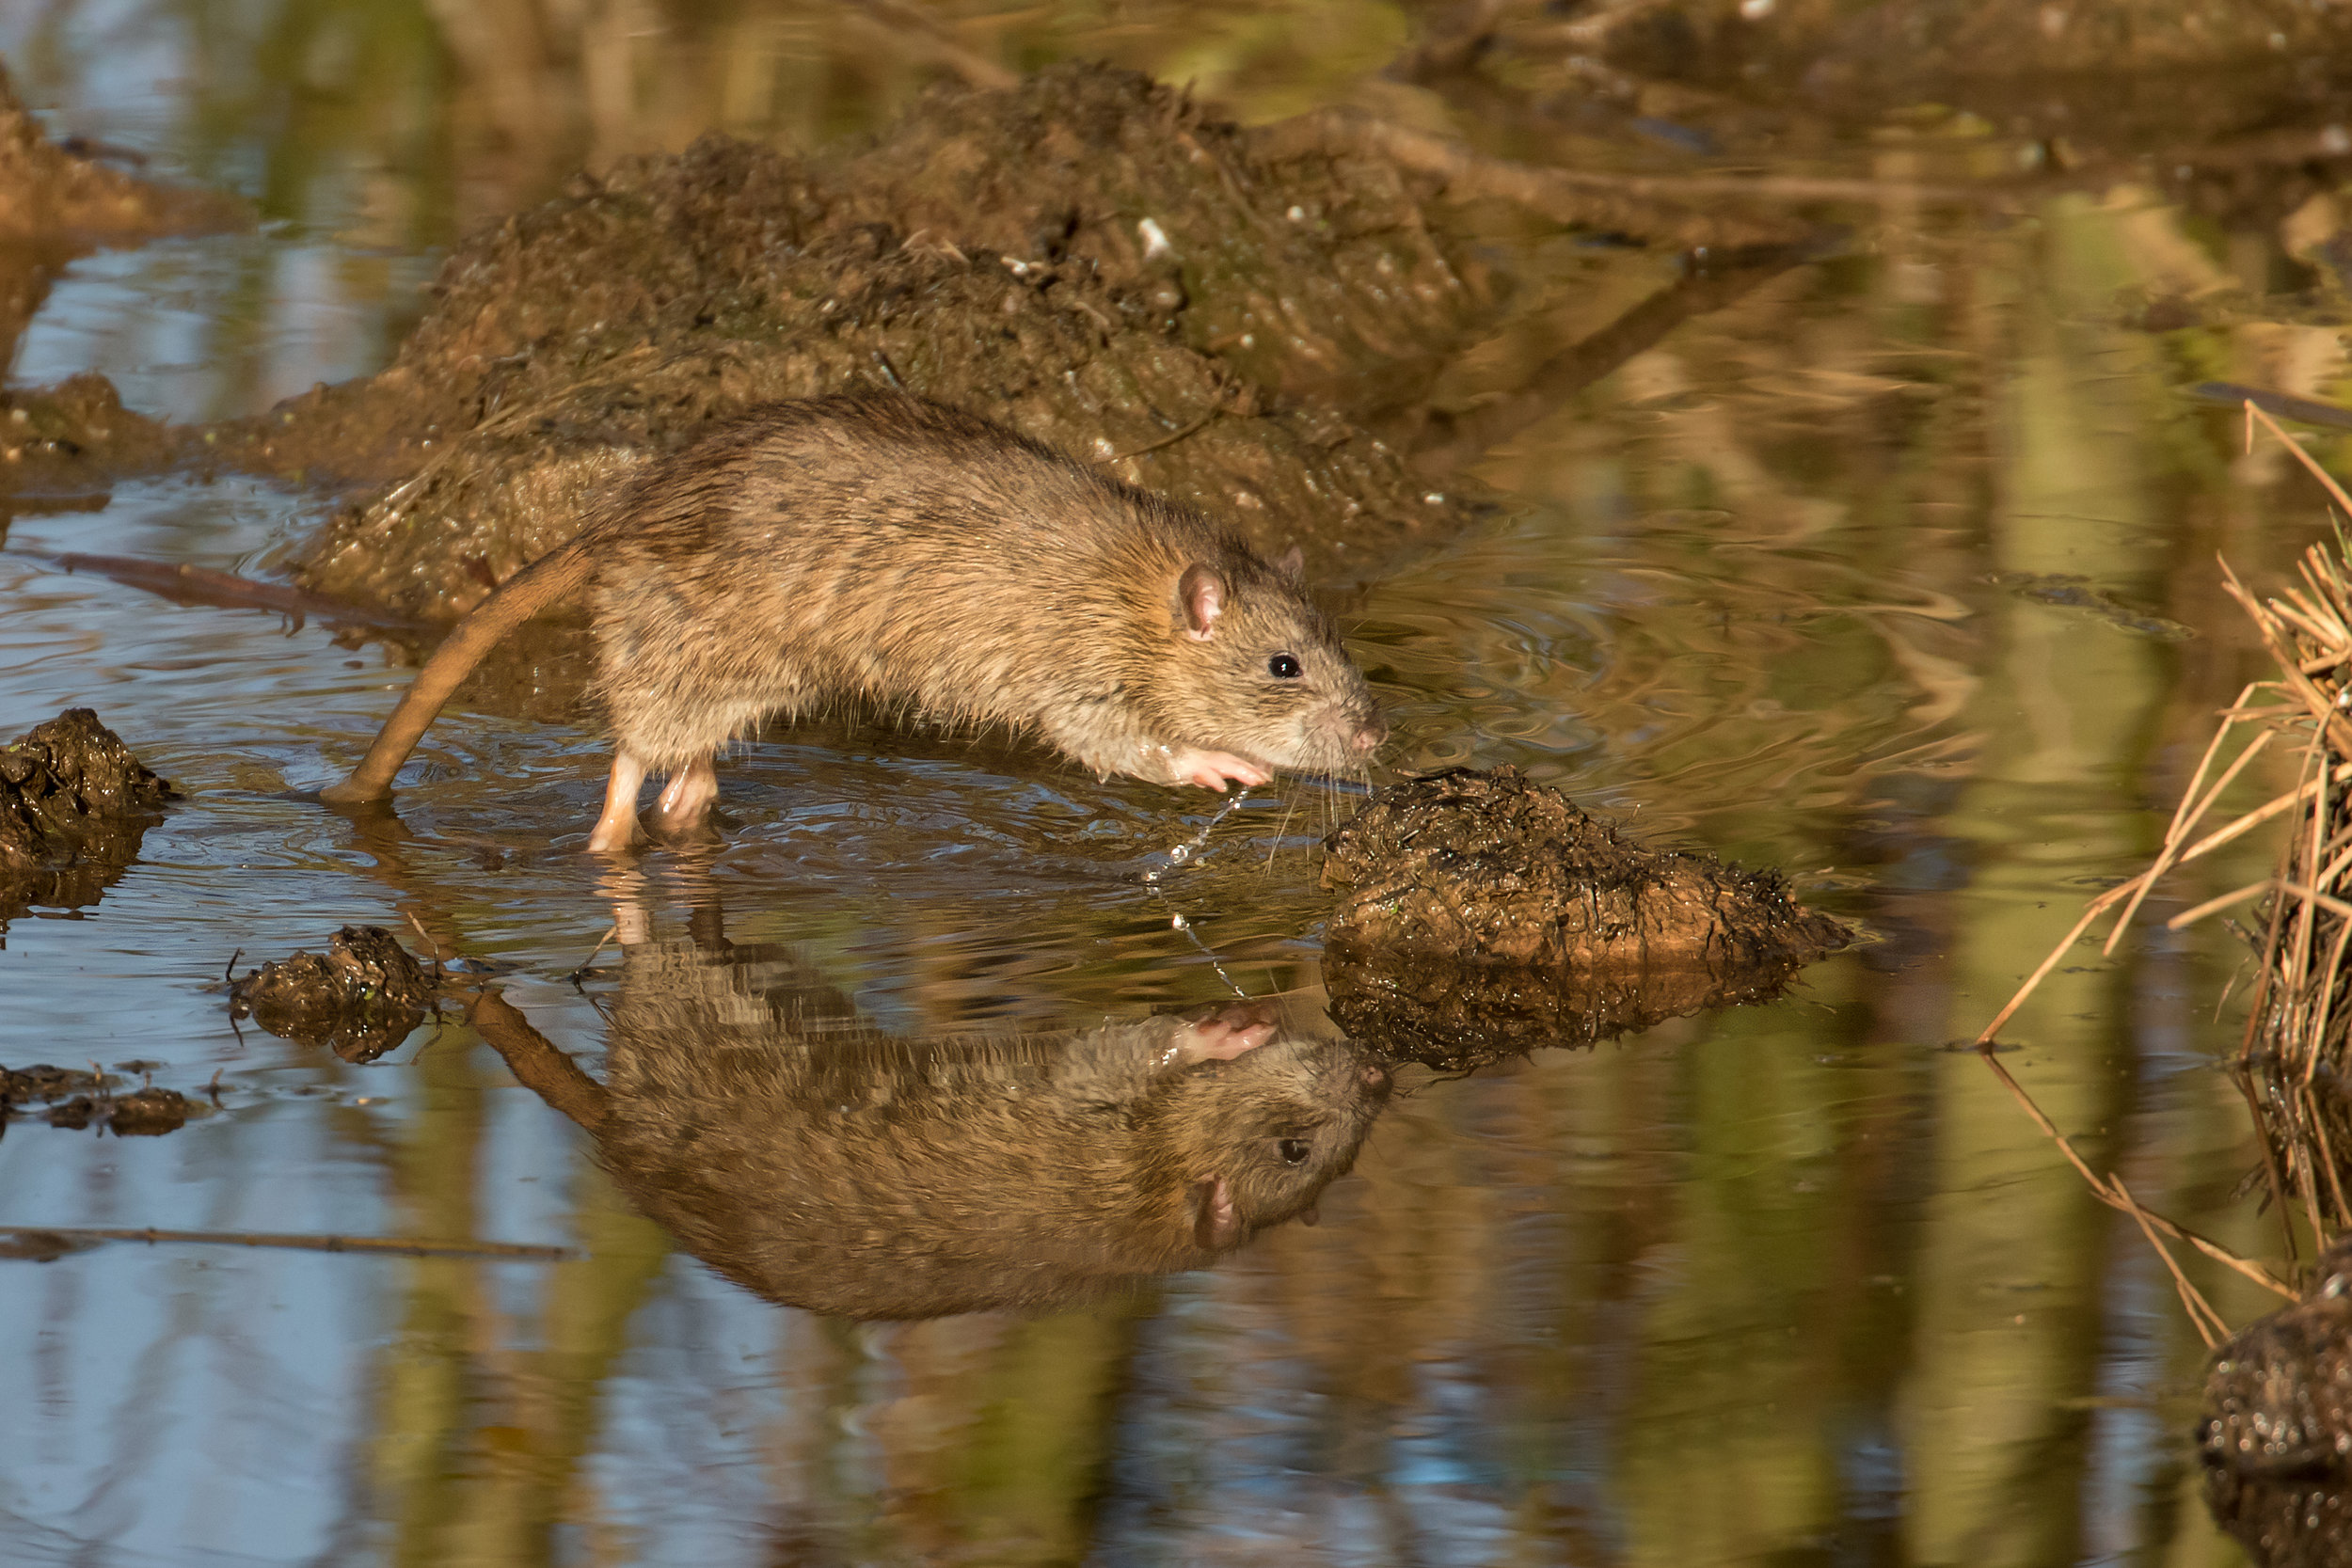 Agile Brown Rat